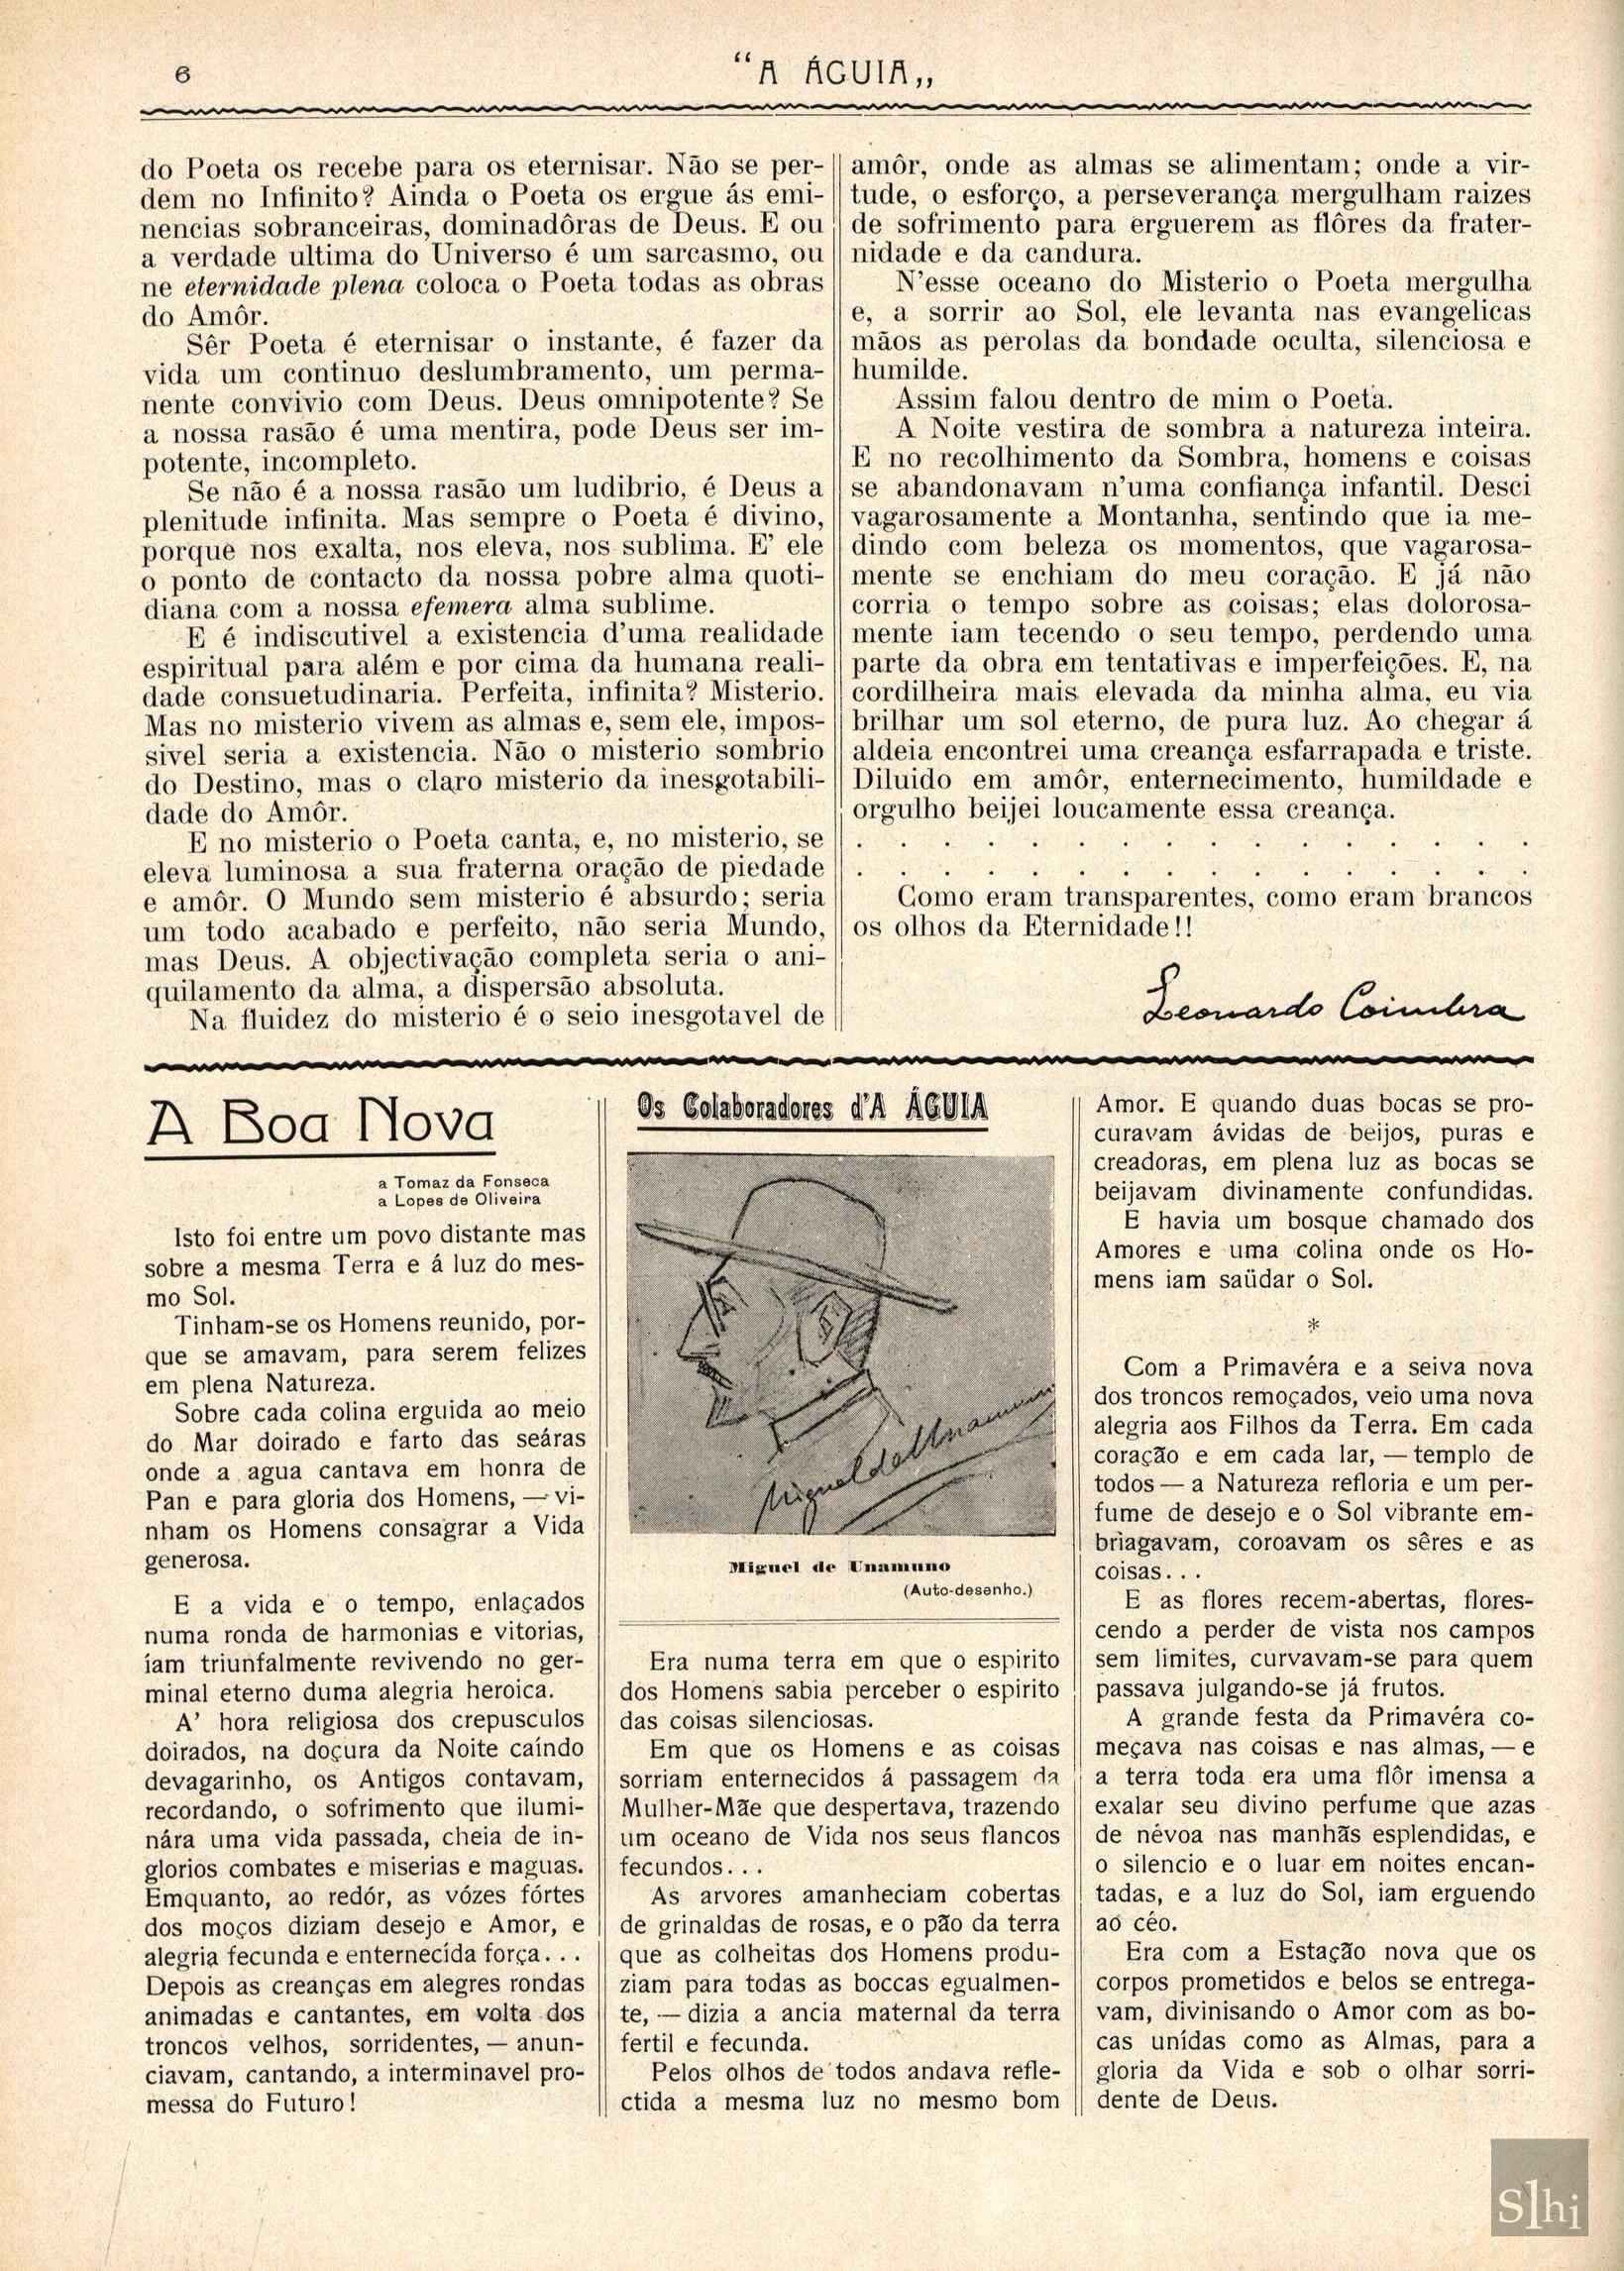 pagina